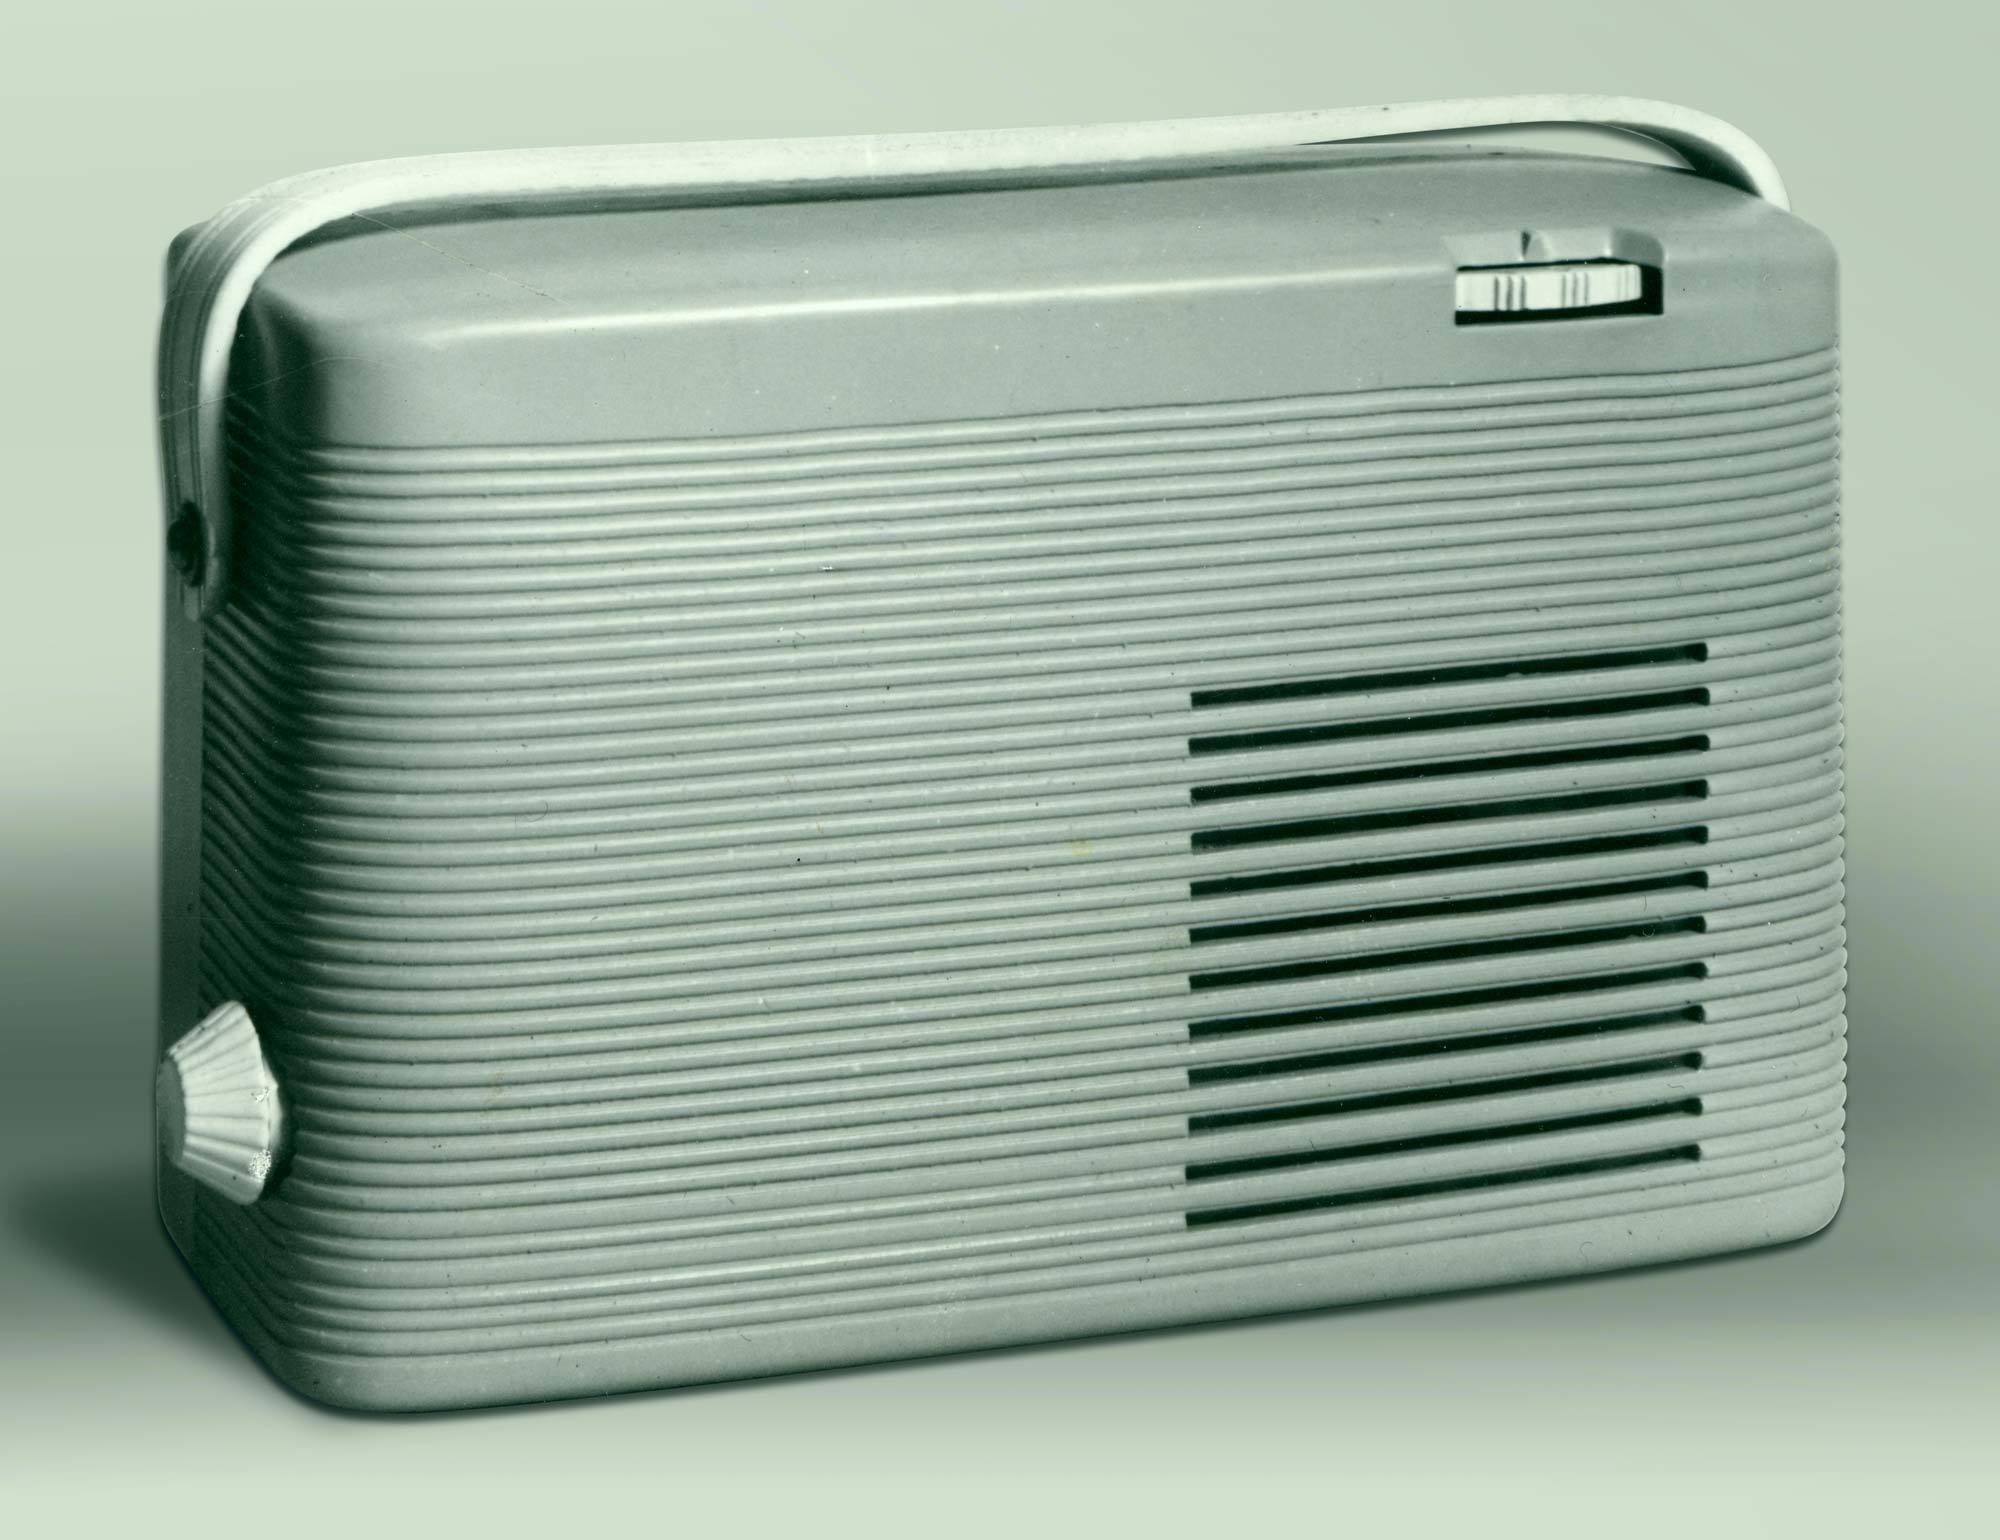 Kofferradio, Foto eines Modells für Kofferradio PUCK, Entwurf: Albert Krause, 1951, Institut für industrielle Gestaltung. Nachlass Albert Krause, Fam. Krause Halle (Saale), Foto: o.A.